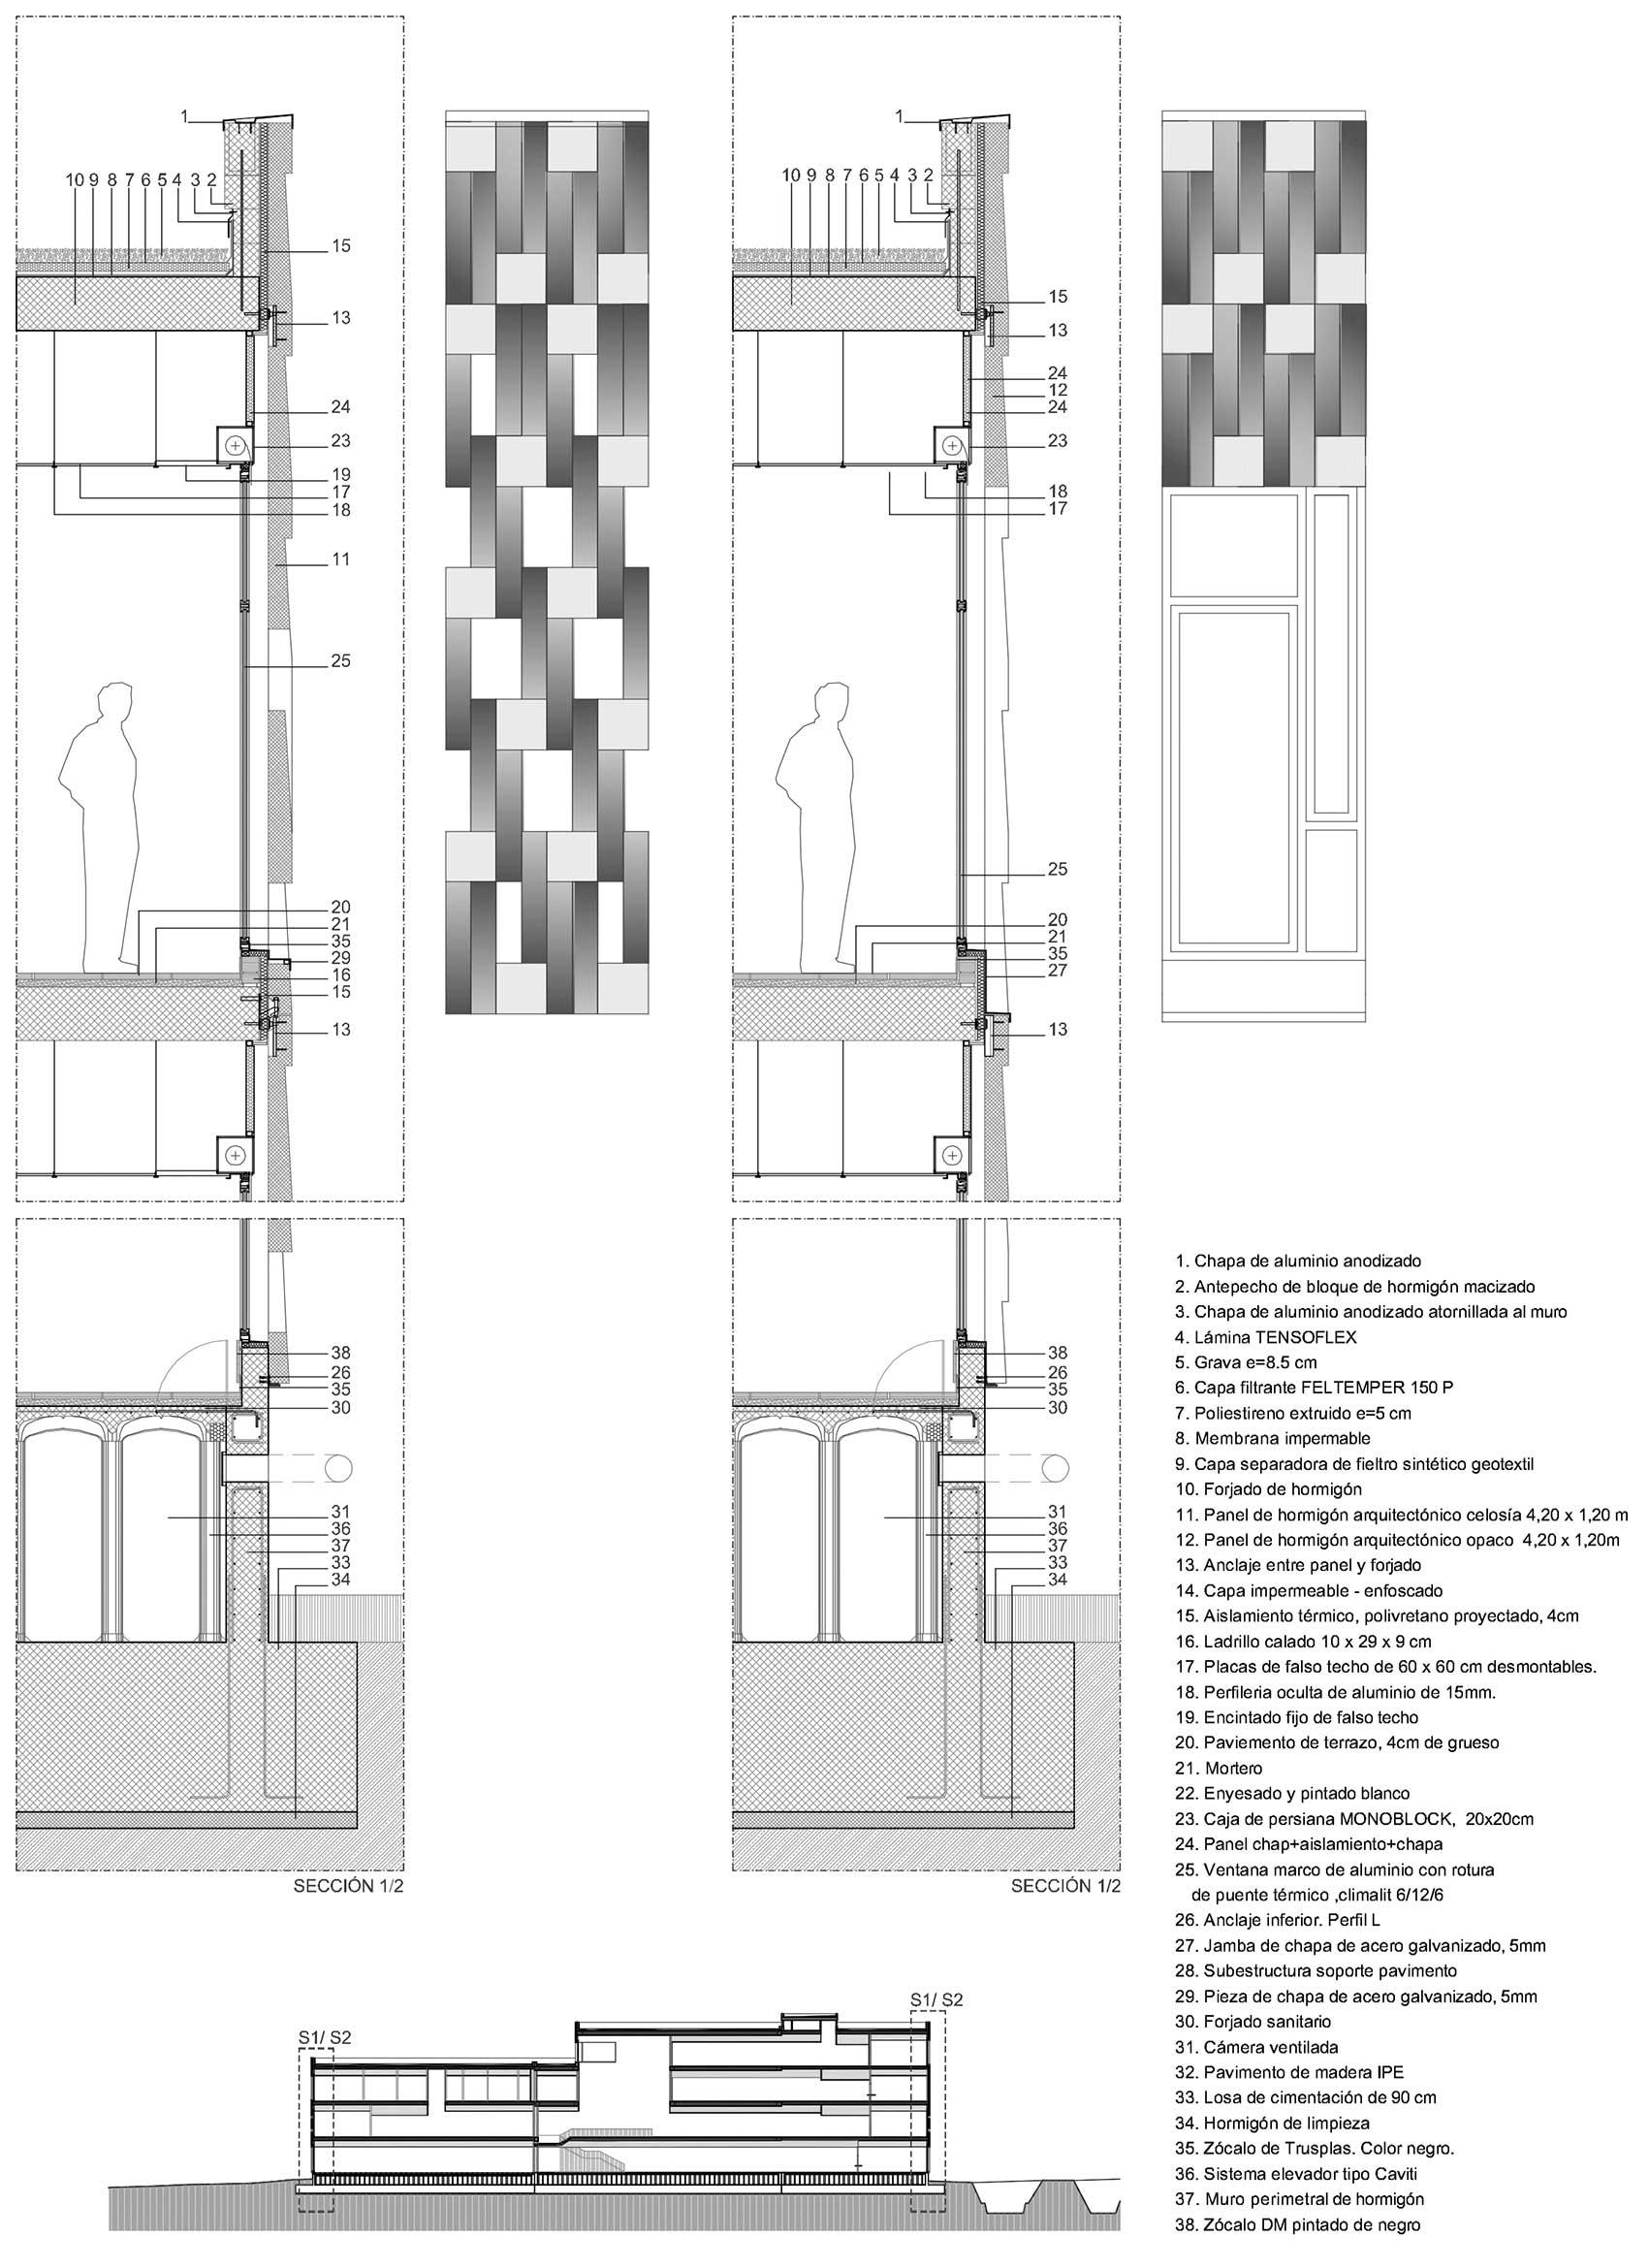 Fachada modular de hormig n modular concrete fa ade - Detalle carpinteria aluminio ...